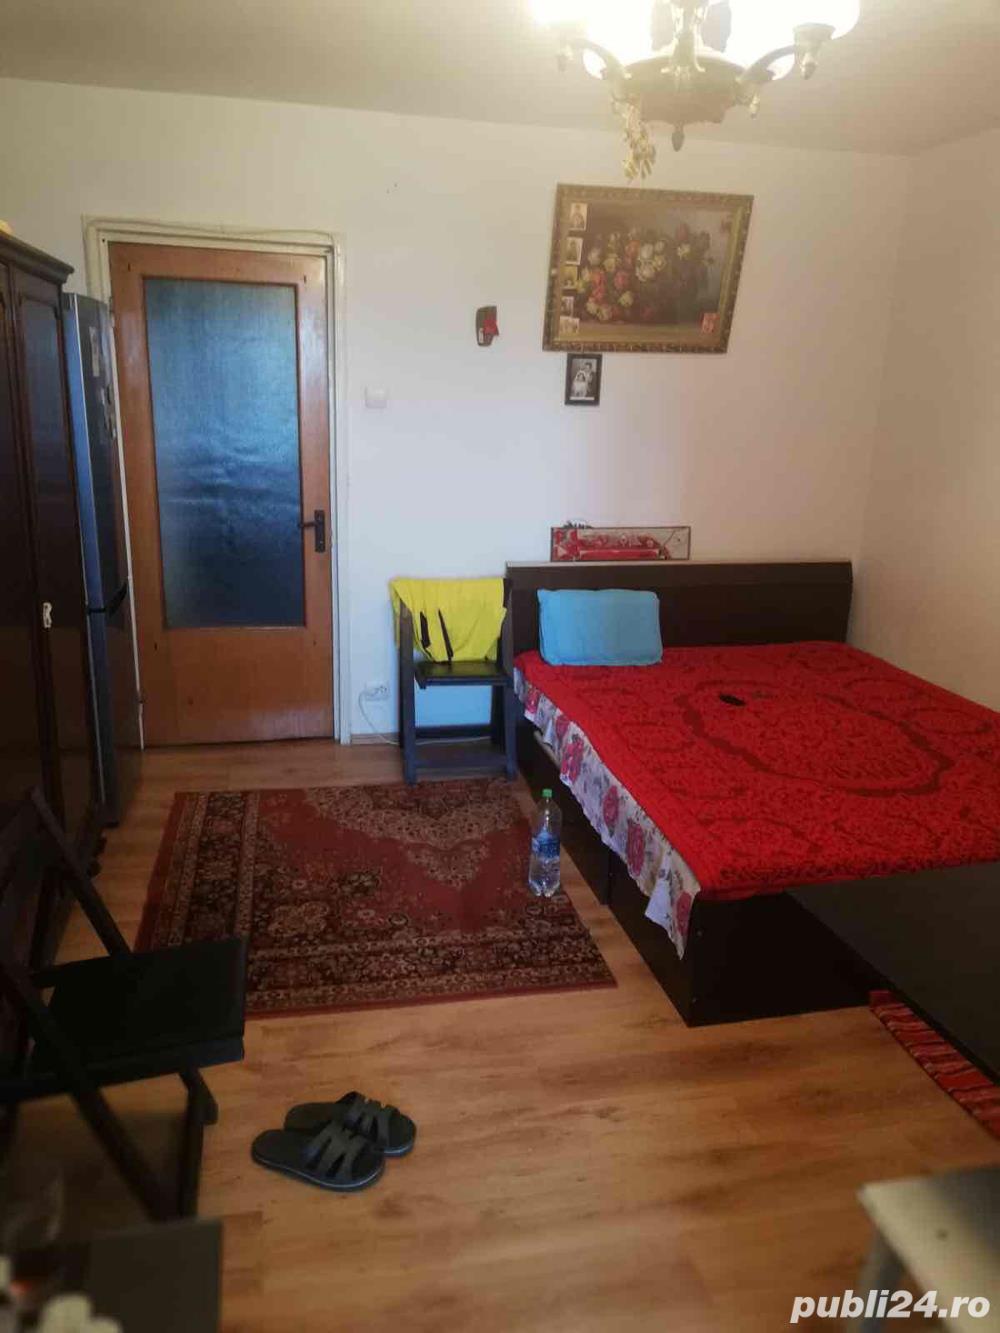 Schimb garsoniera cu apartament confort 1